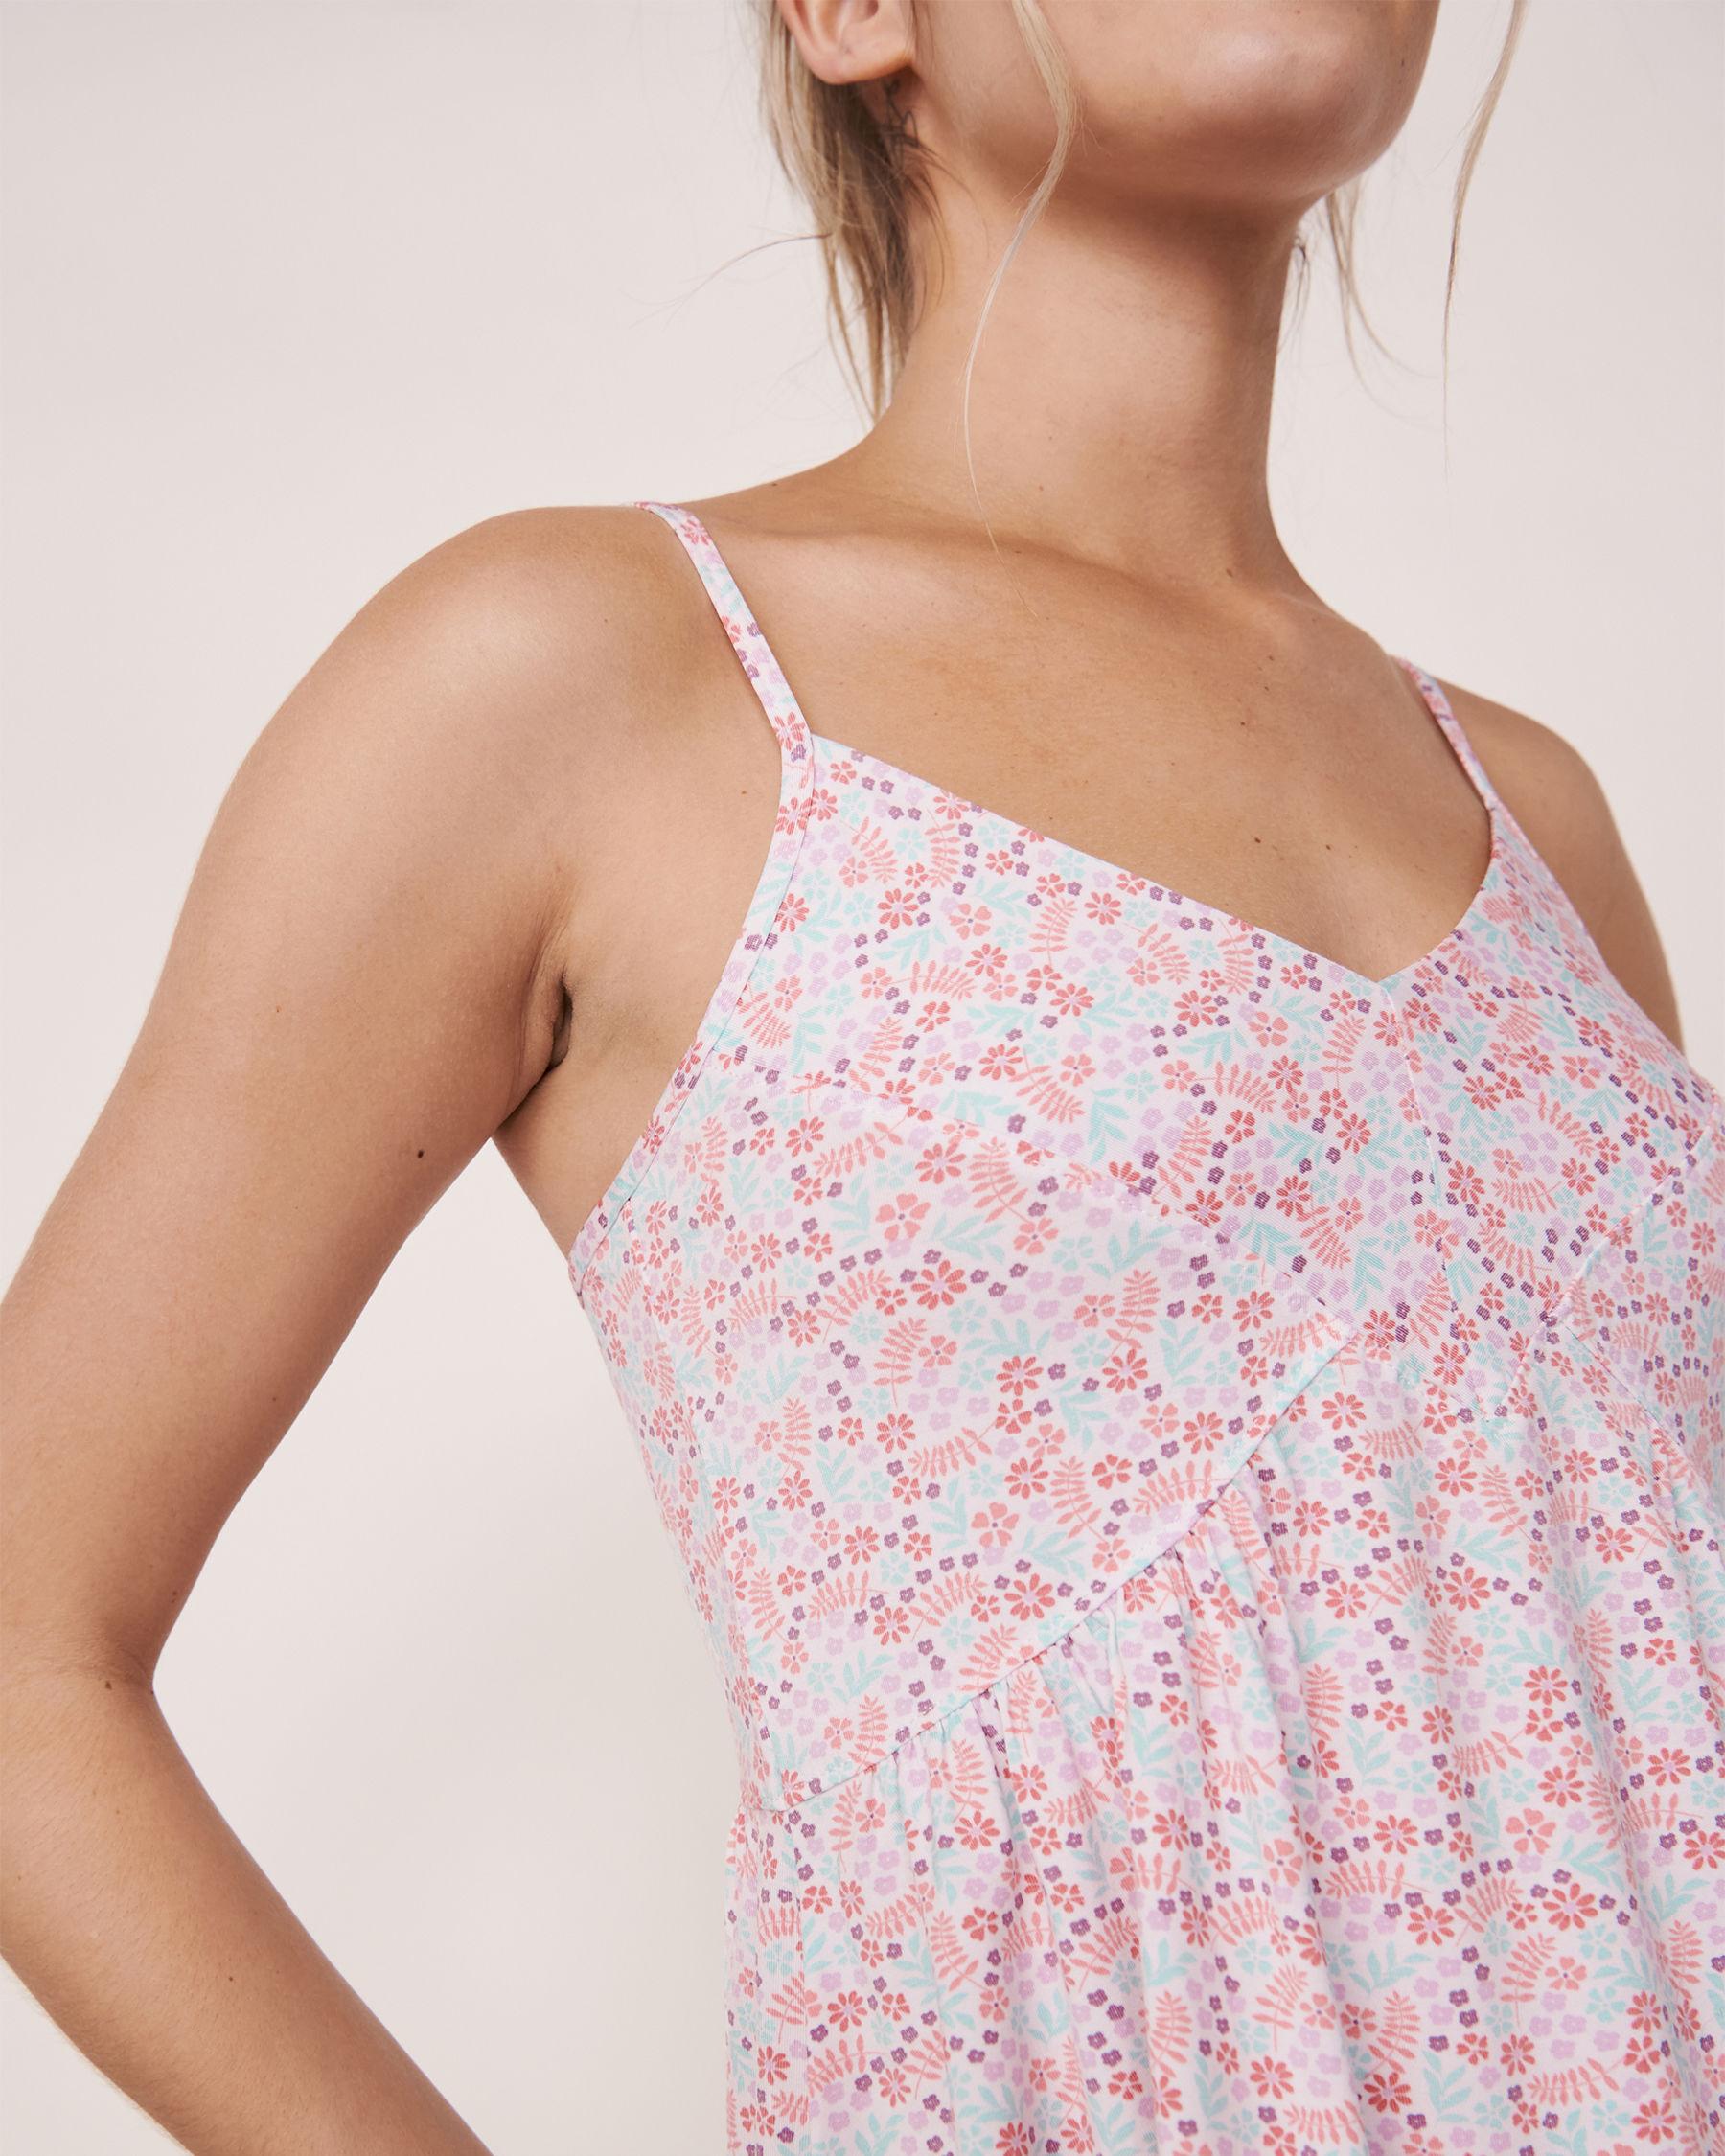 LA VIE EN ROSE Camisole bretelles minces encolure en V Imprimé floral miniature 40100057 - Voir3